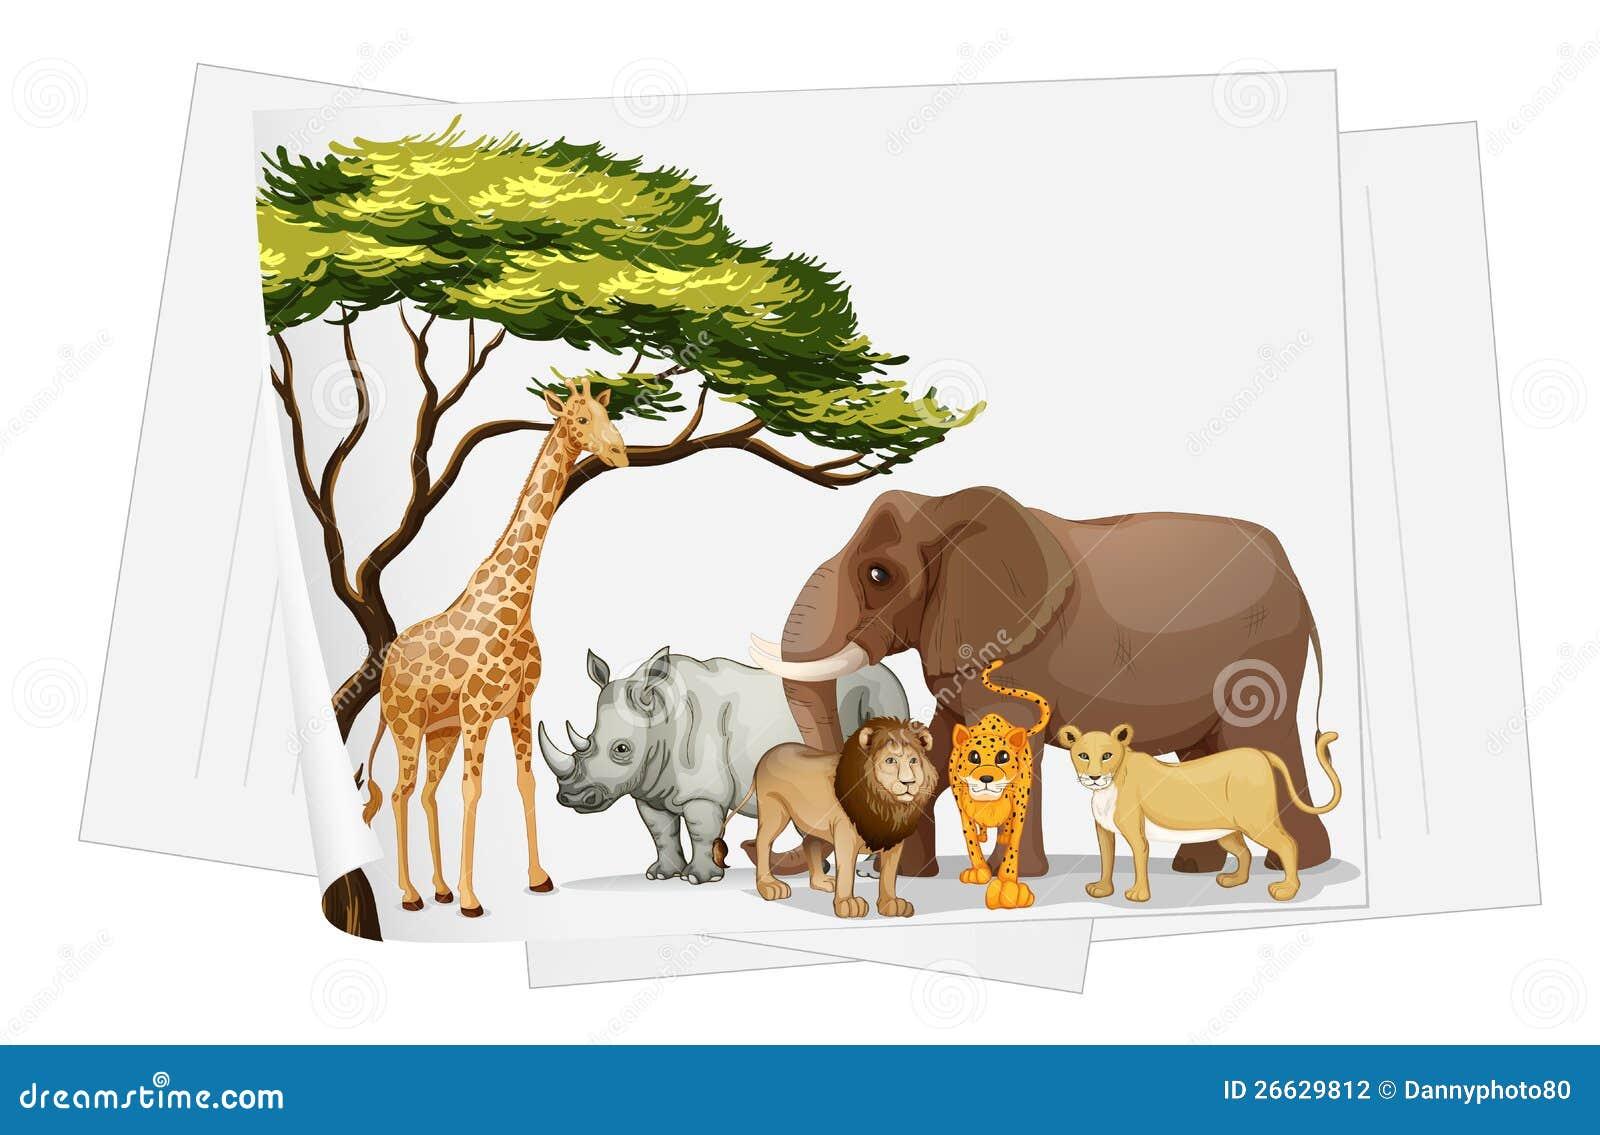 dschungel tiere dreizehn hintergrundbilder - photo #25